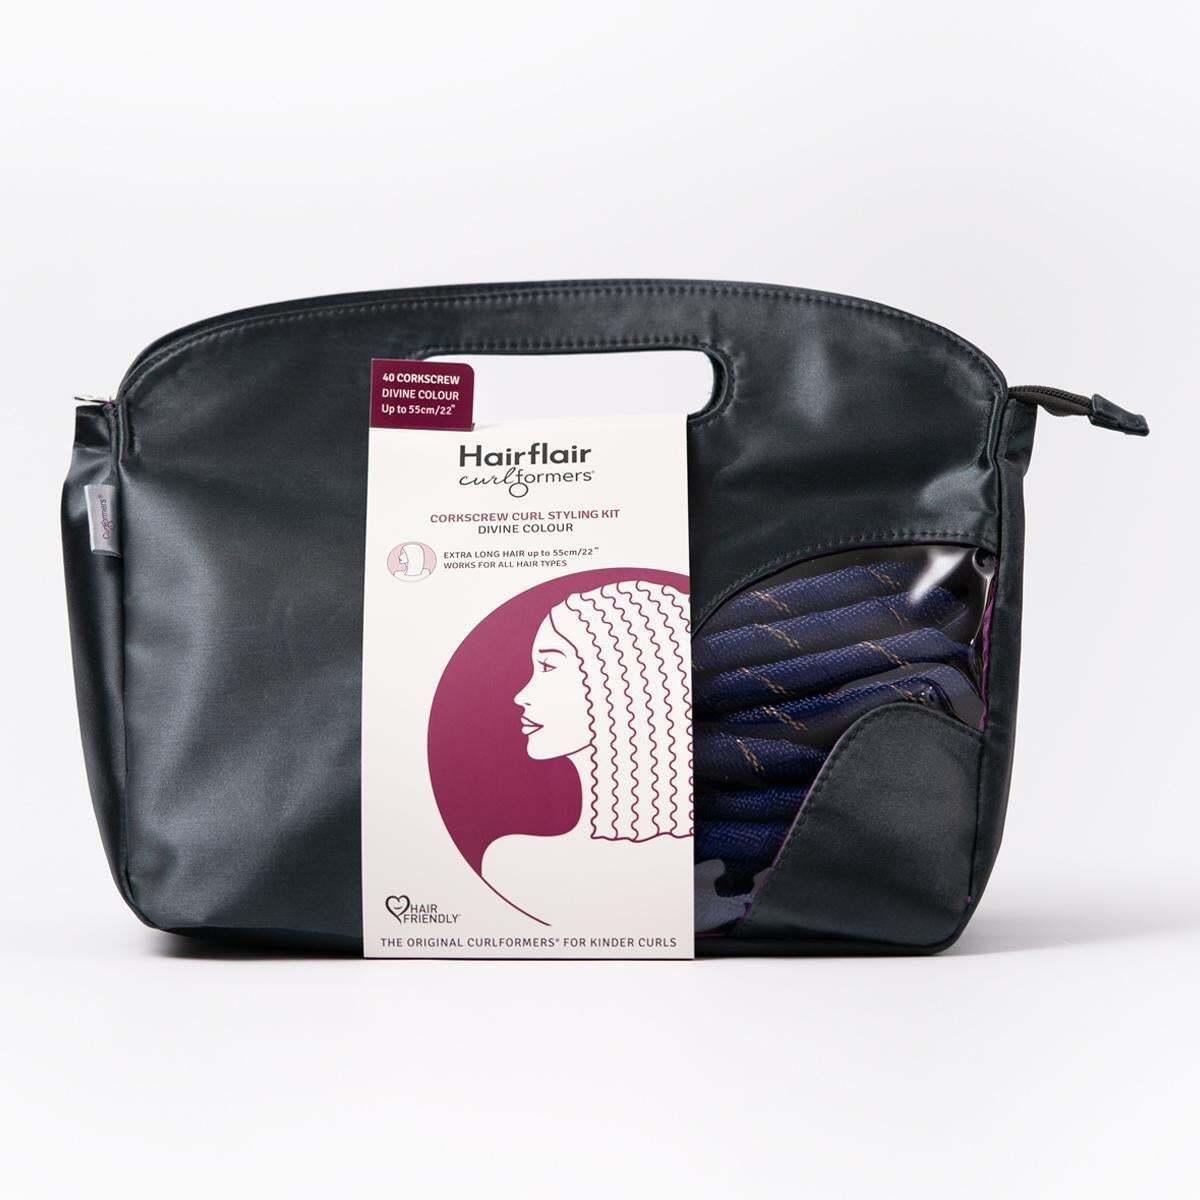 Bild 1 von Hairflair curlformers Corkscrew Curl Styling Kit